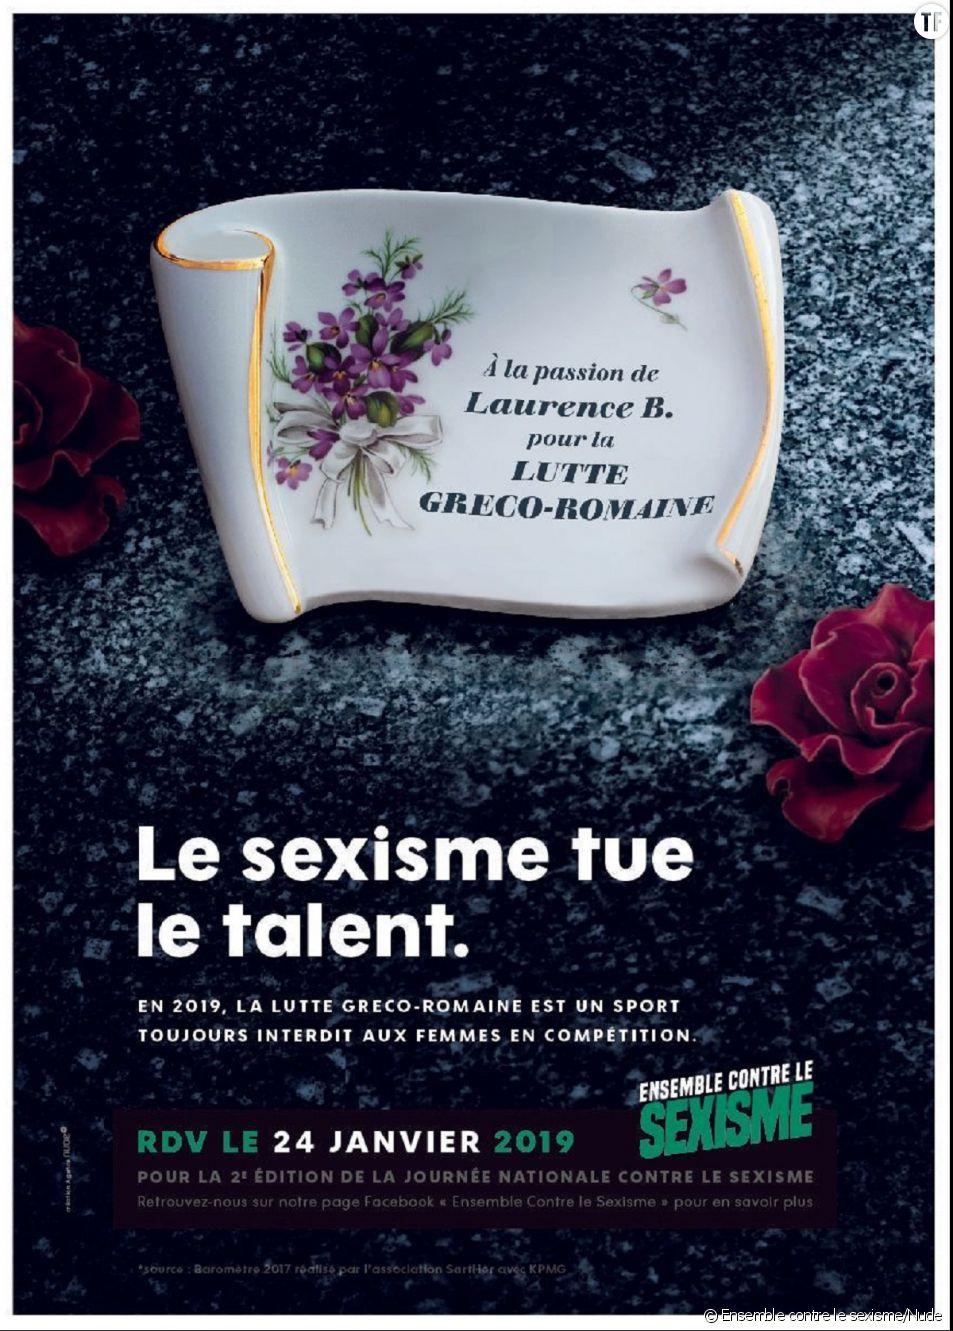 Une affiche de la campagne d'Ensemble contre le sexisme